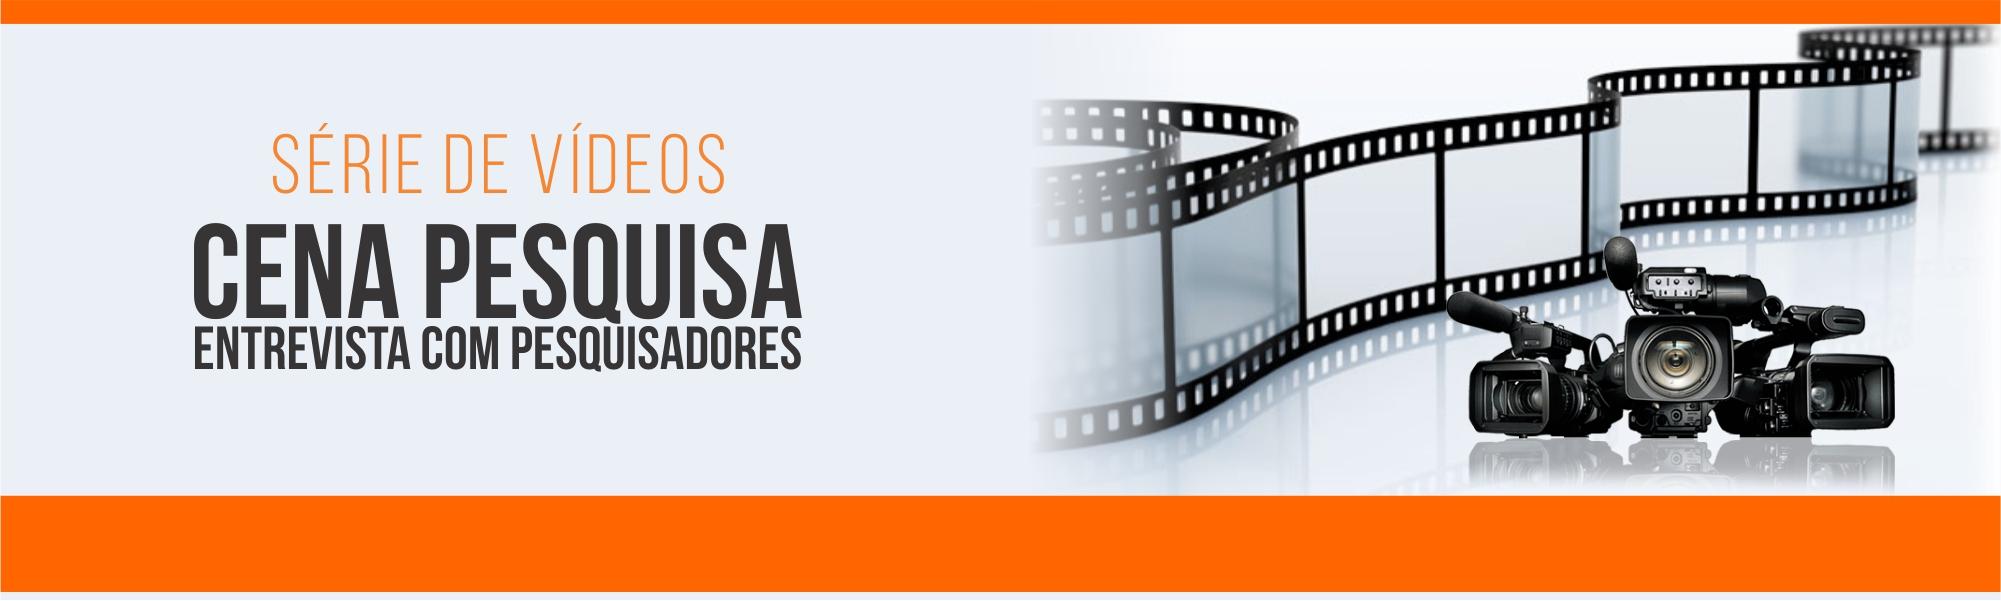 videos_cena_pesquisa